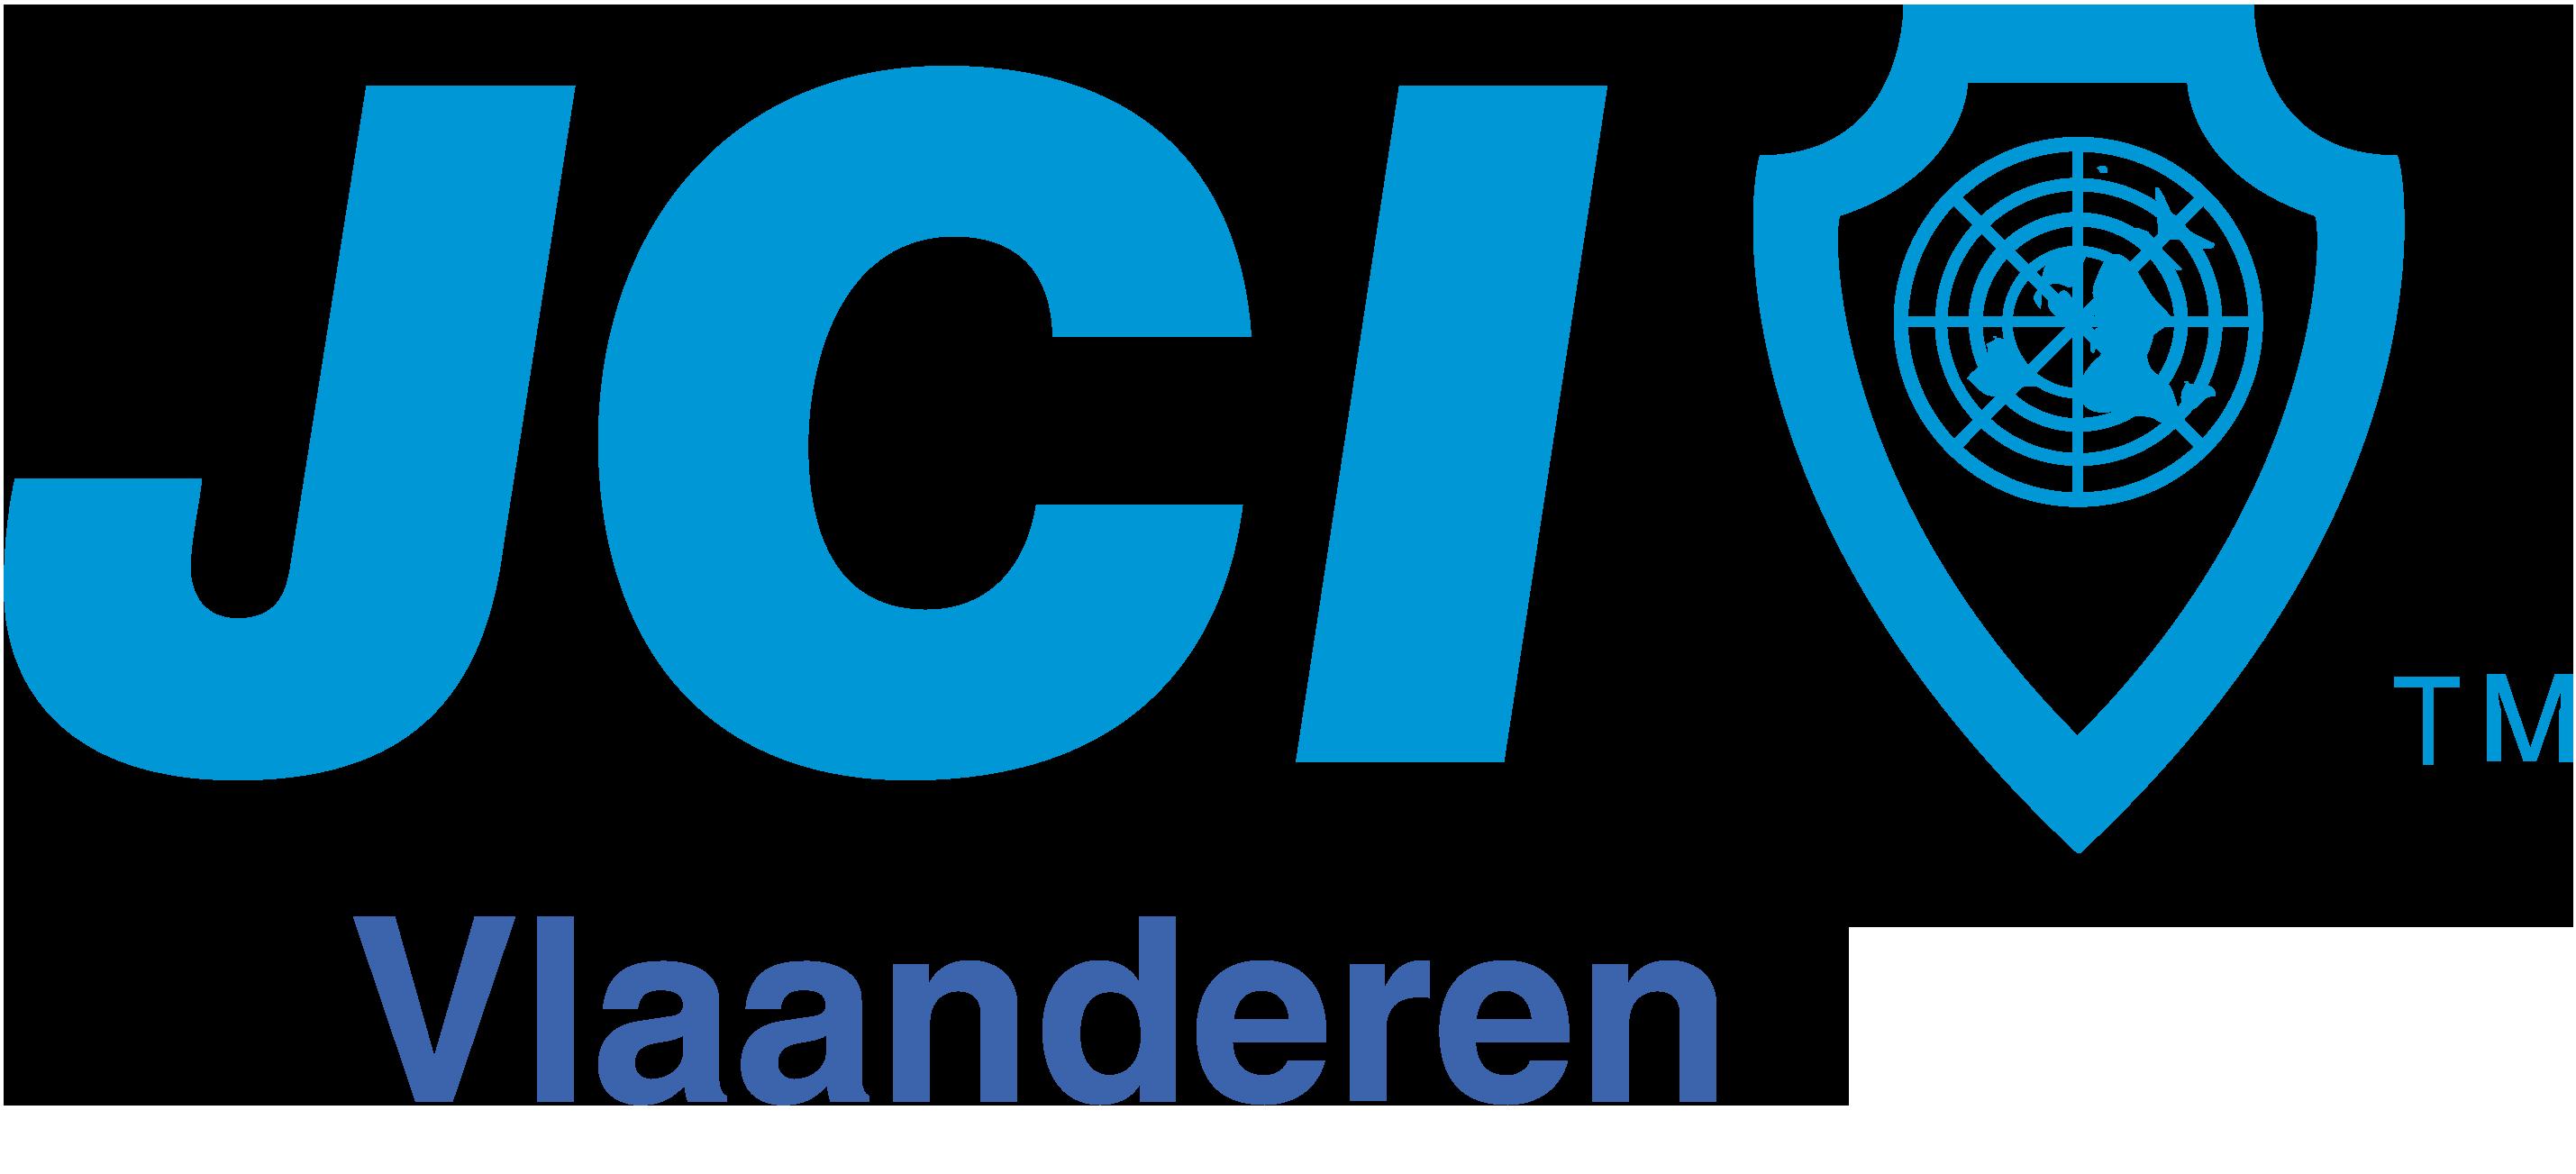 JCI Vlaanderen